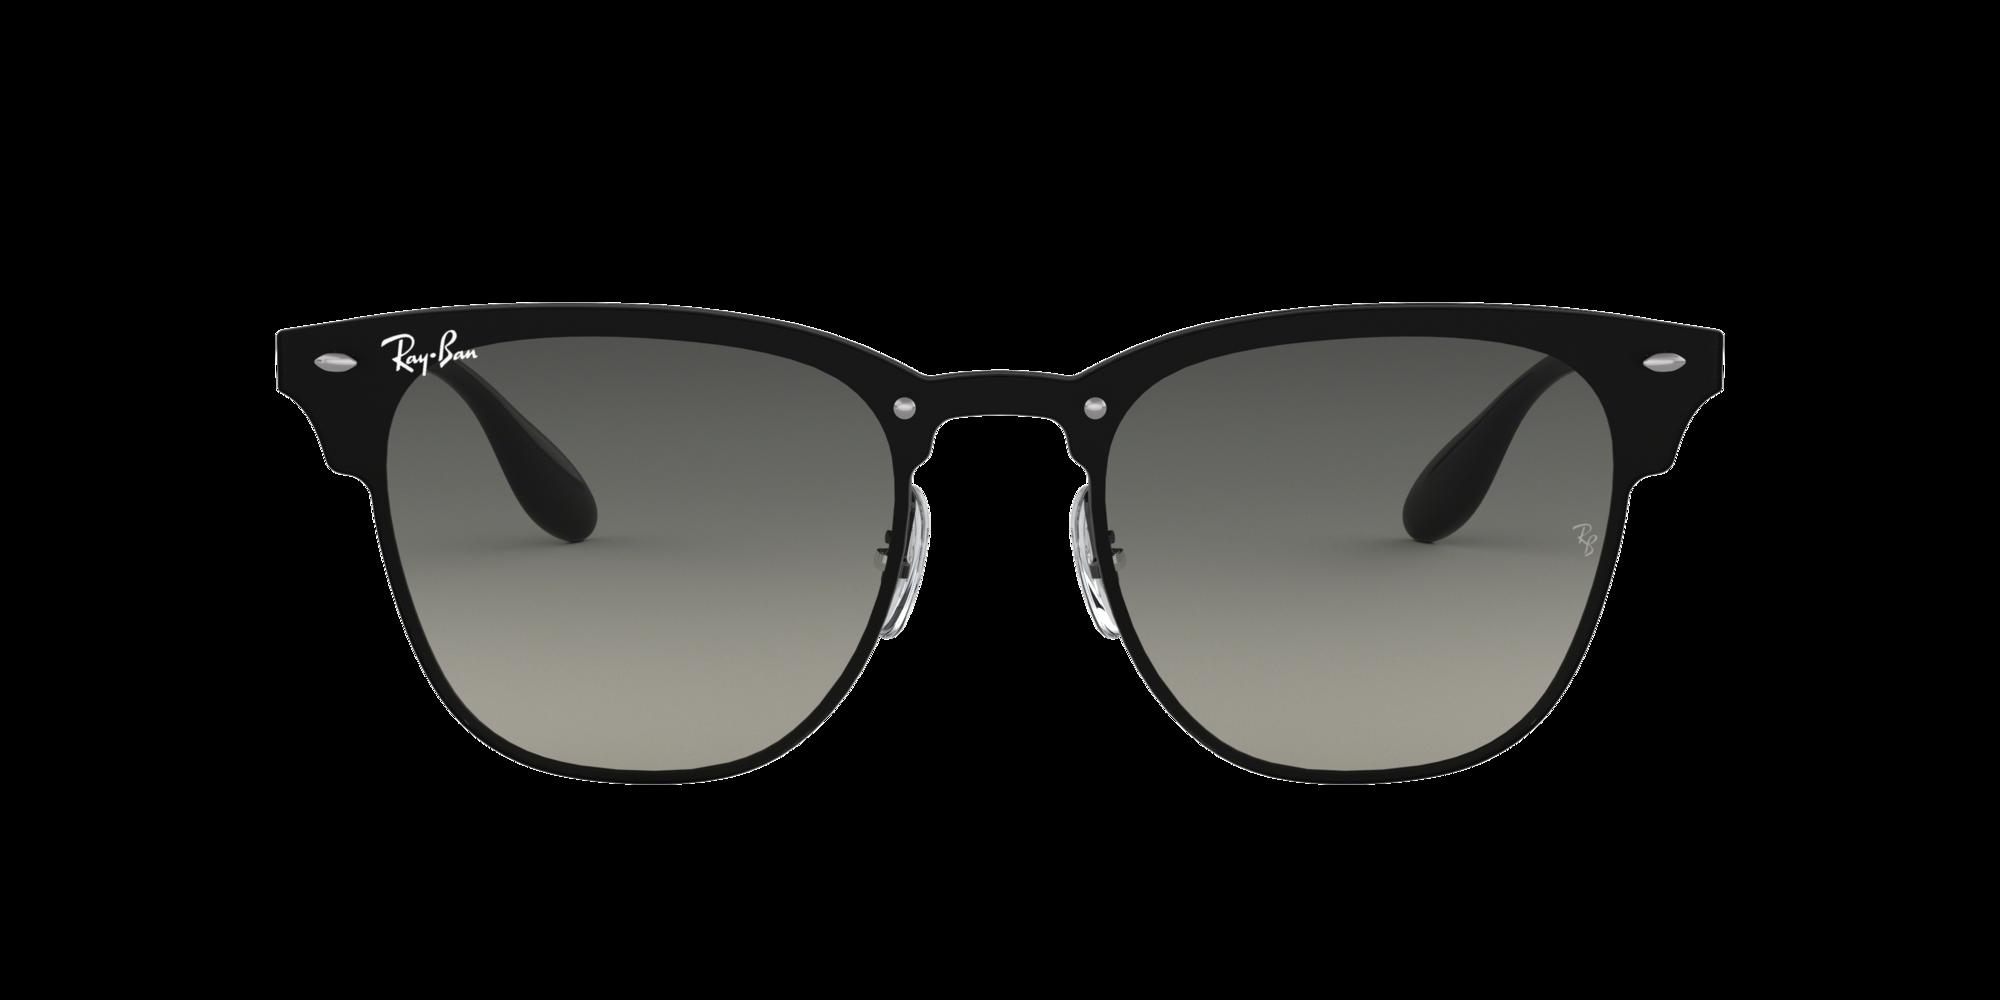 Imagen para RB3576N 47 BLAZE CLUBMASTER de LensCrafters |  Espejuelos, espejuelos graduados en línea, gafas